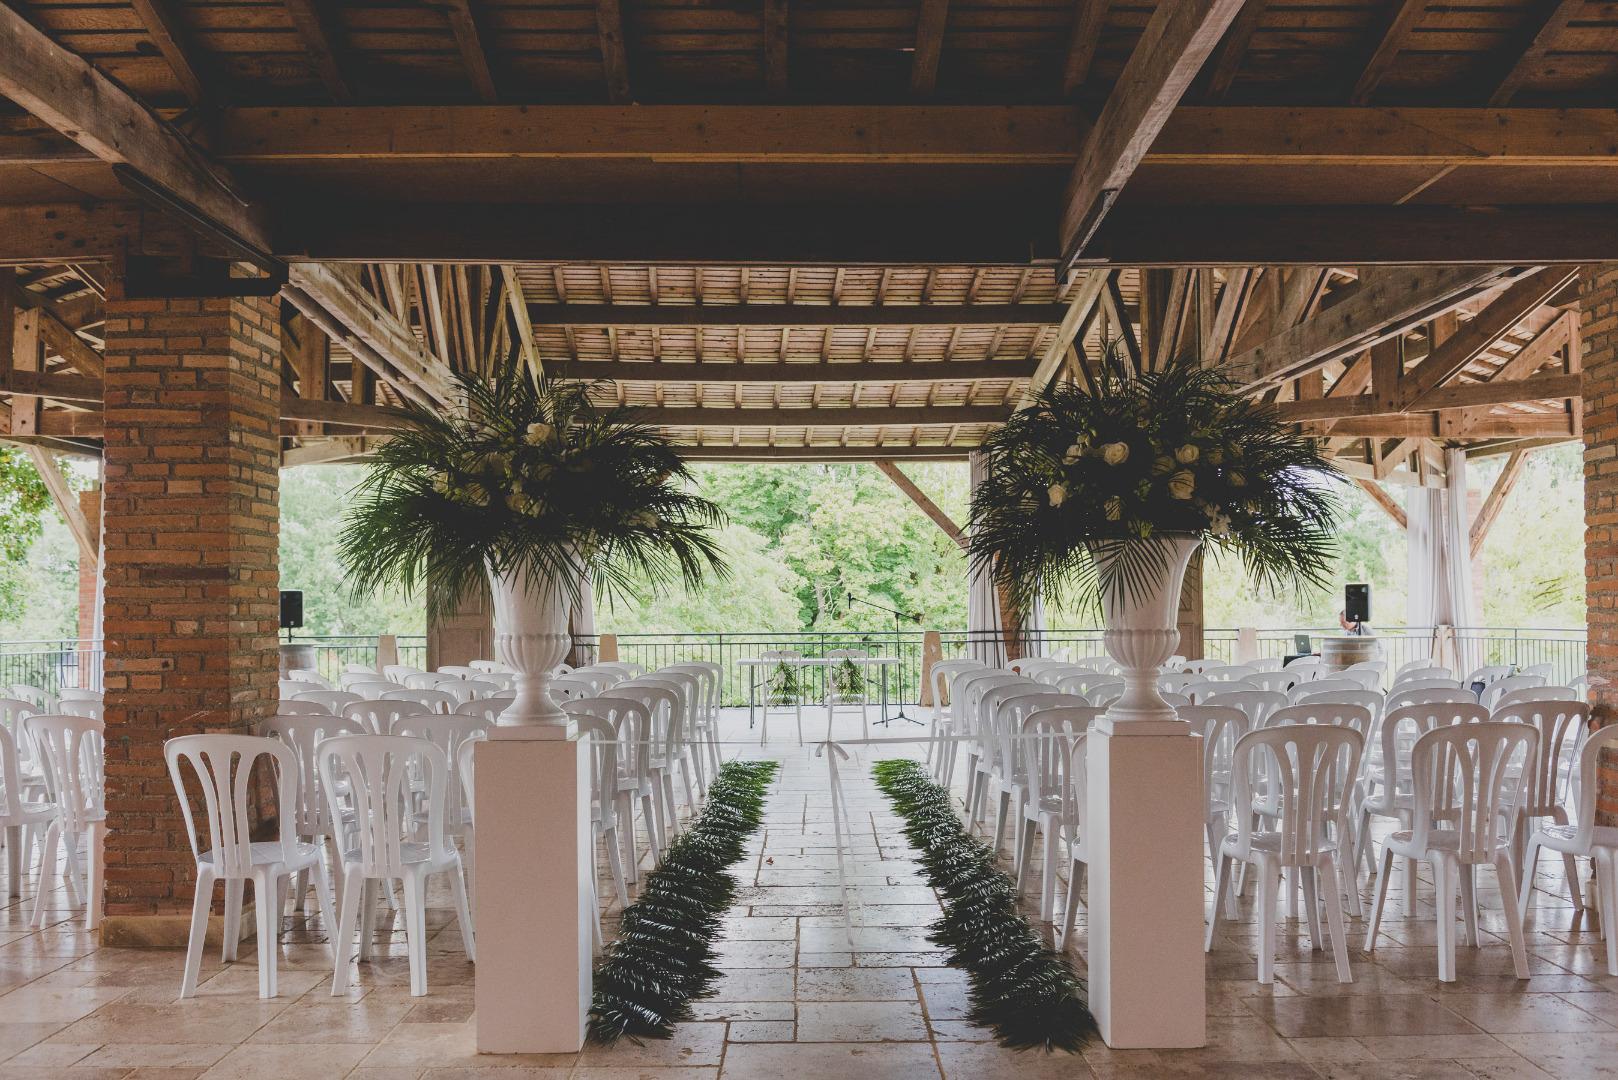 Déco cérémonie en extérieur vase médicis - Wedding planner La Dolce Vità, Château de Loubejac à Montauban.jpg